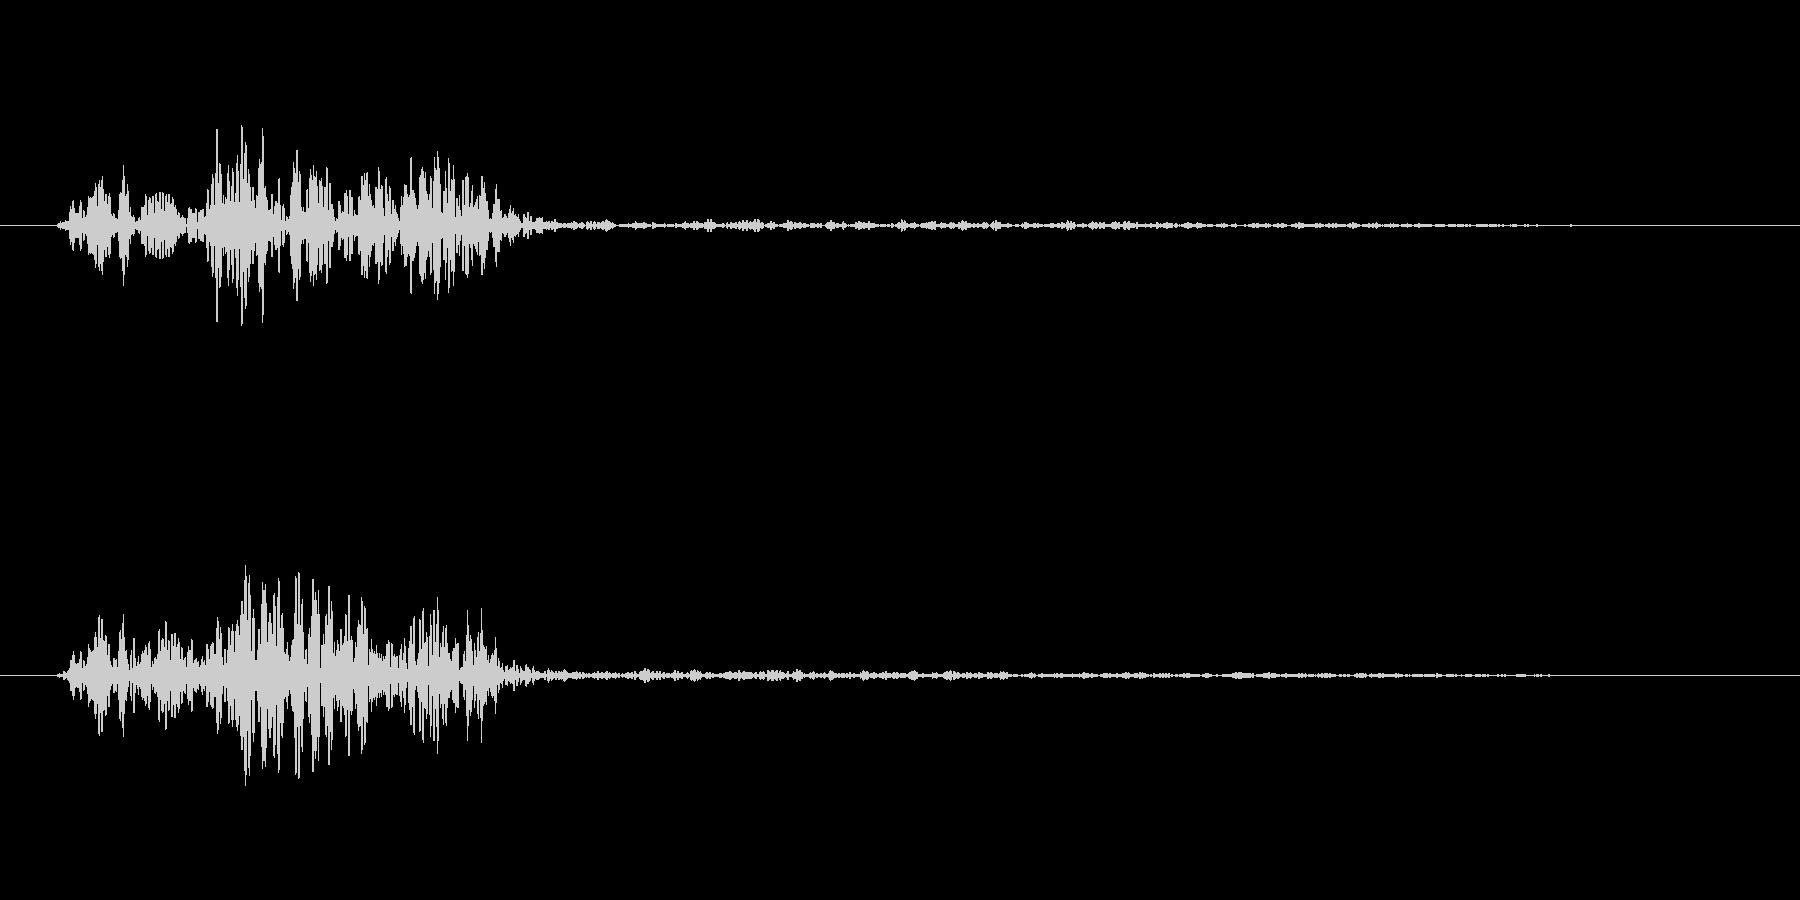 「タララー」という効果音です。の未再生の波形